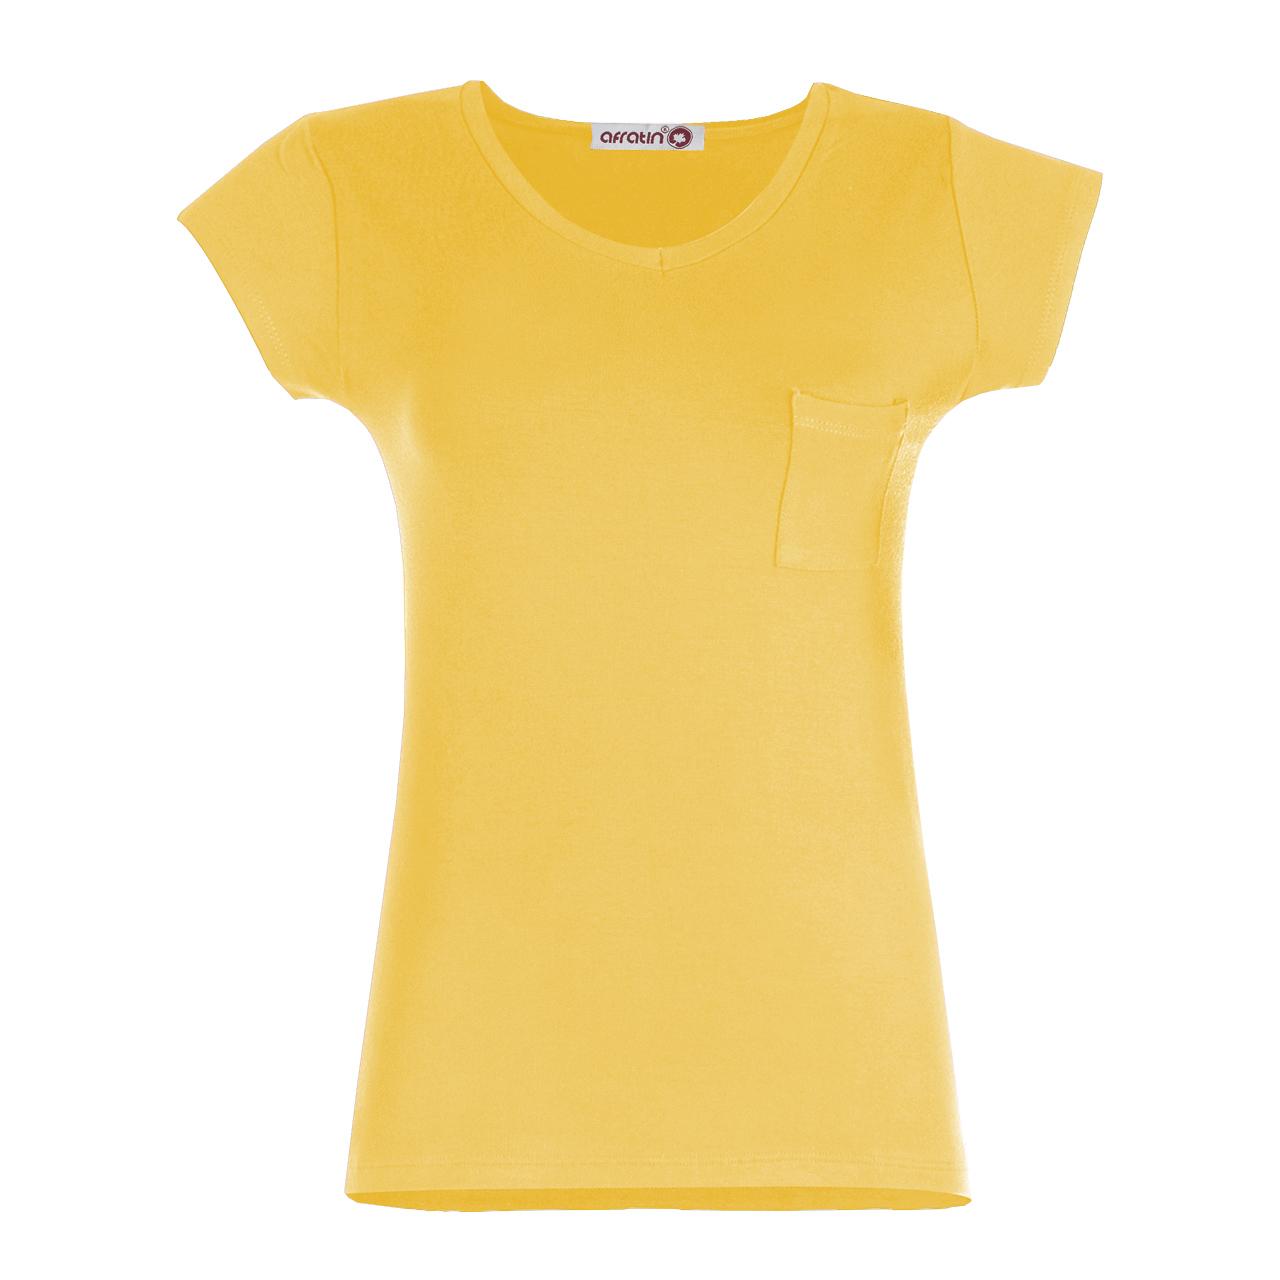 خرید                                        تی شرت زنانه افراتین کد 2515 رنگ زرد